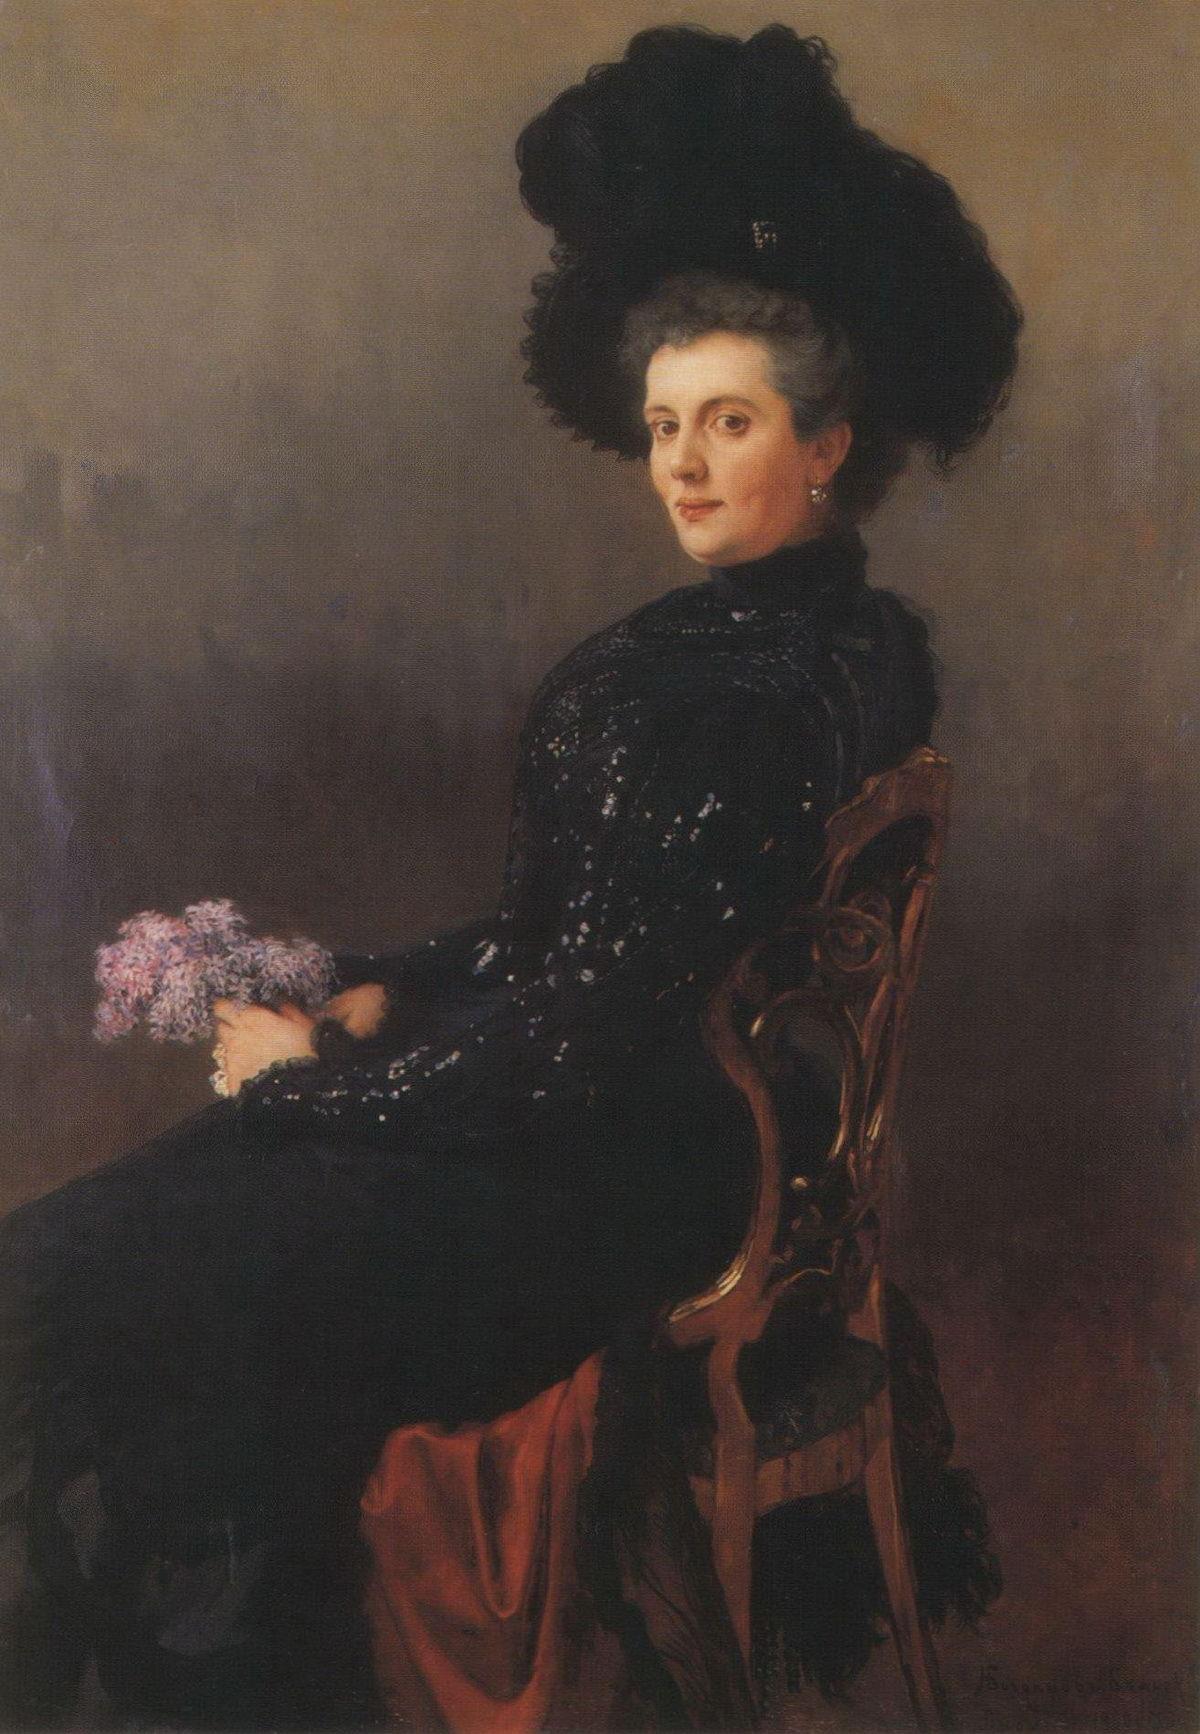 Богданов-Бельский Н.П. Картина. Портрет дамы в кресле. 1900